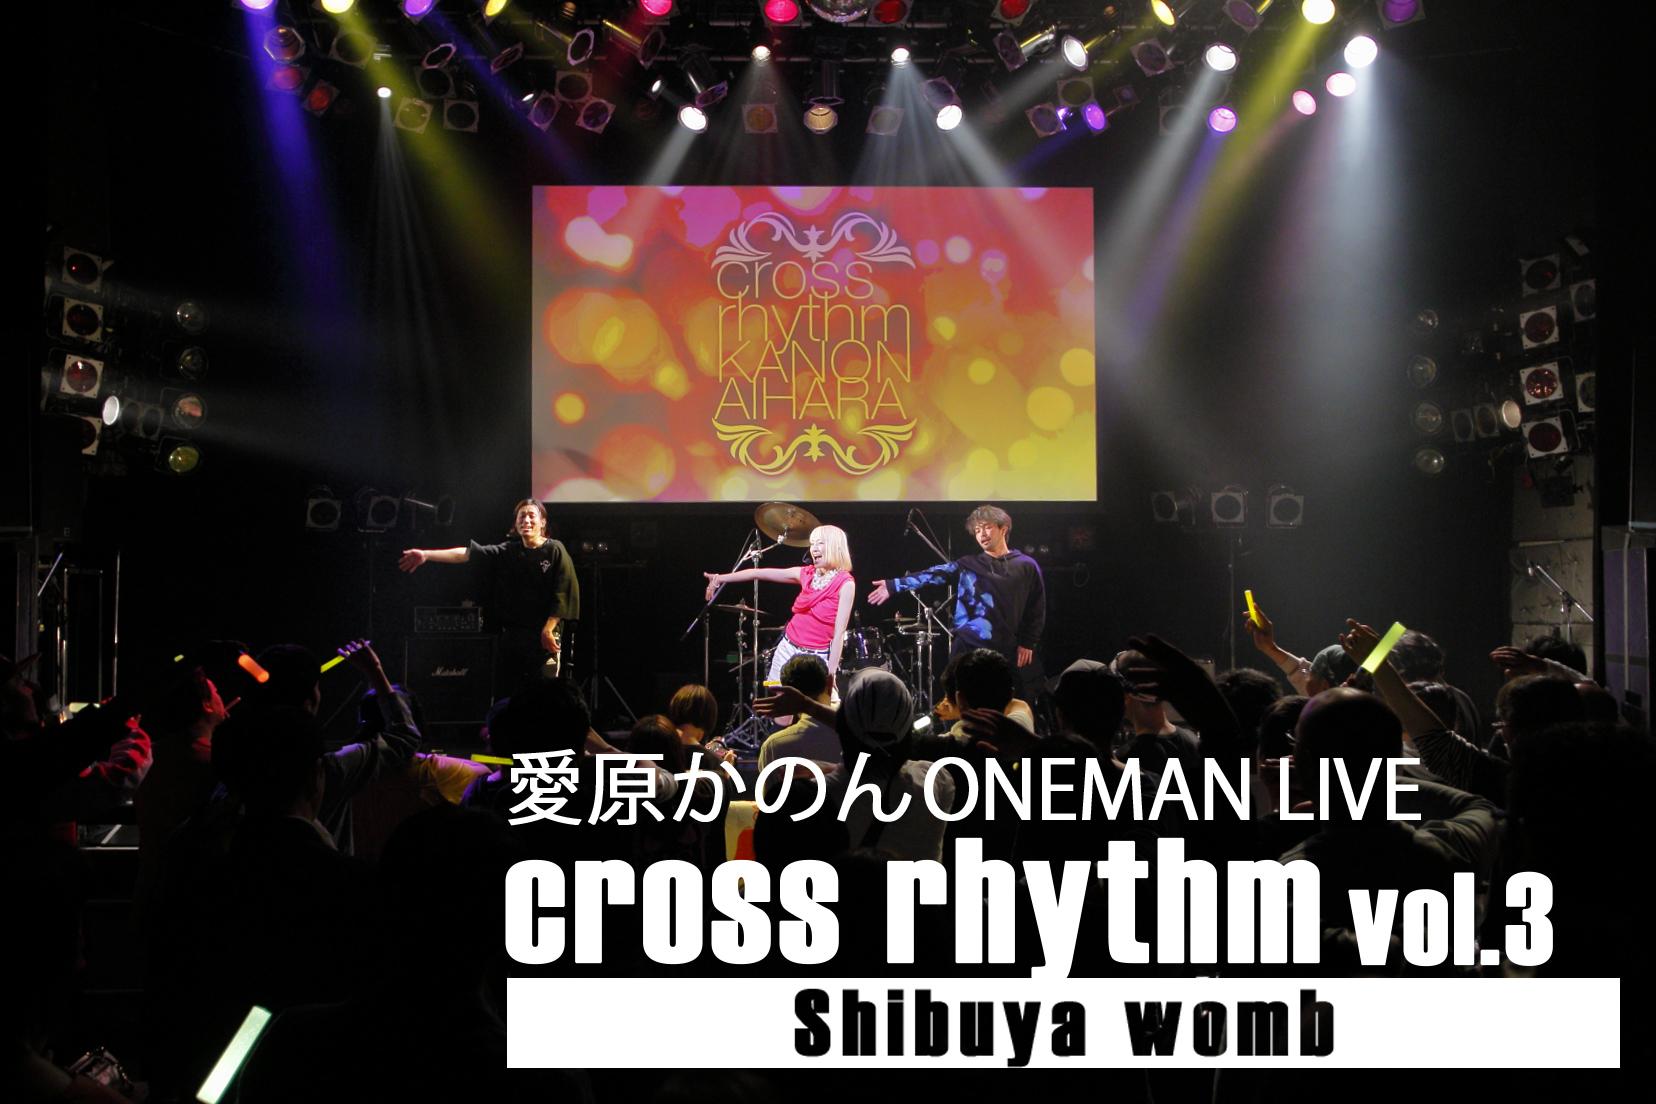 3/2 愛原かのん ONEMAN LIVE cross rhythm vol.3 ライブチケット